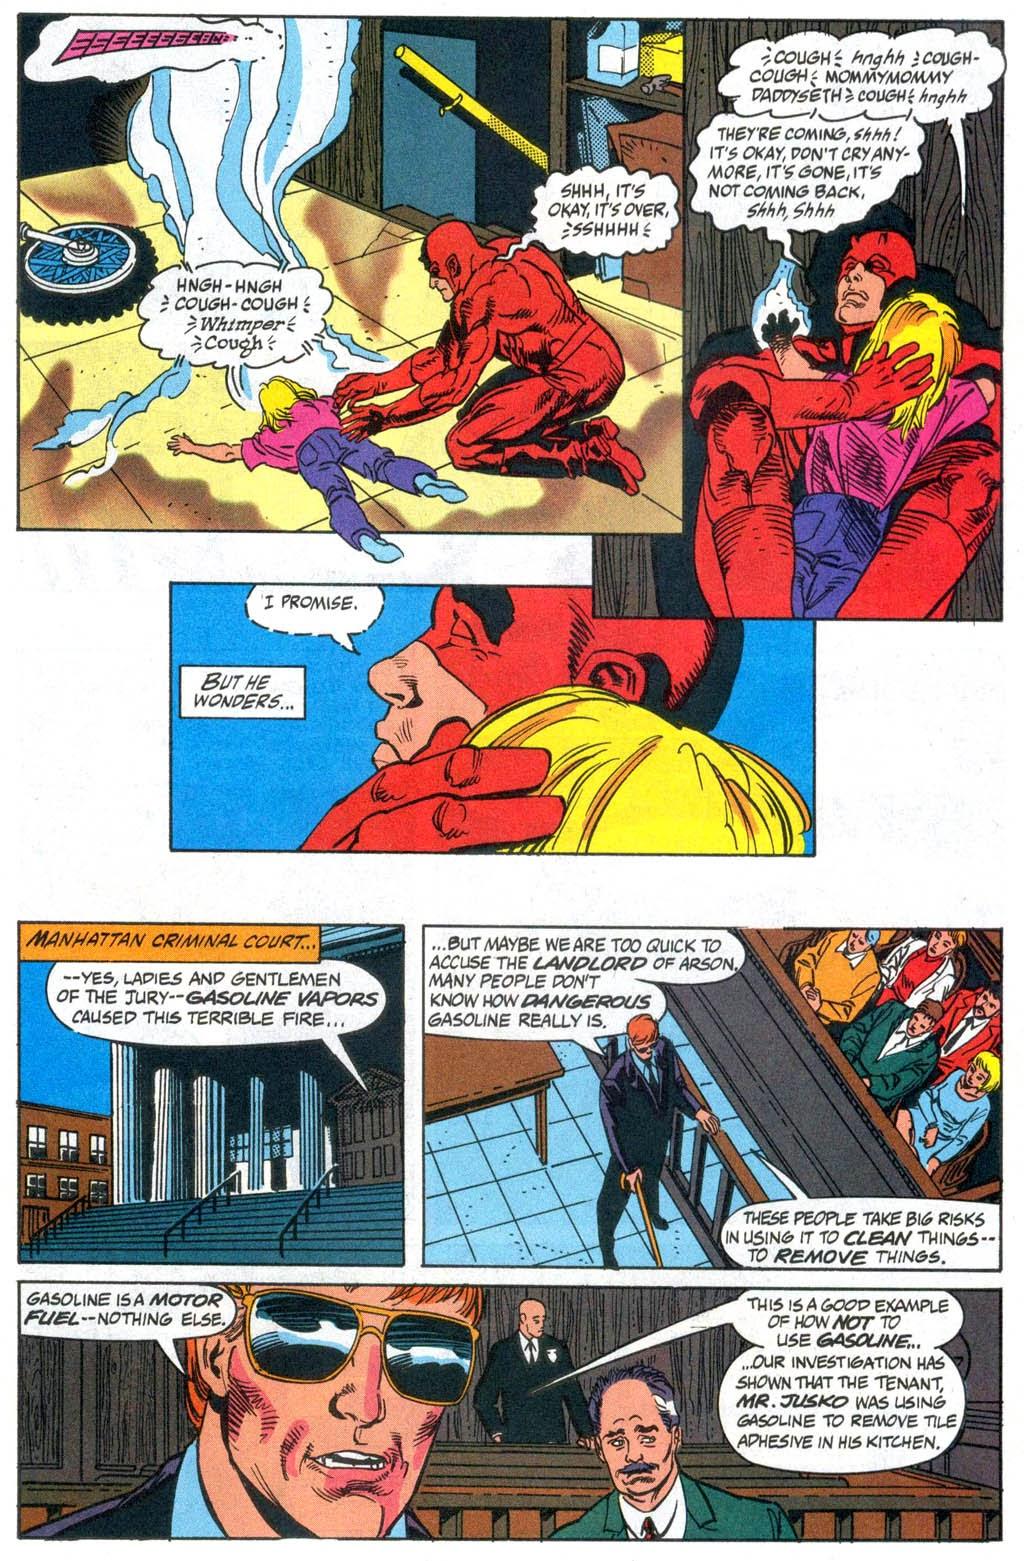 Read online Daredevil vs. Vapora comic -  Issue # Full - 17